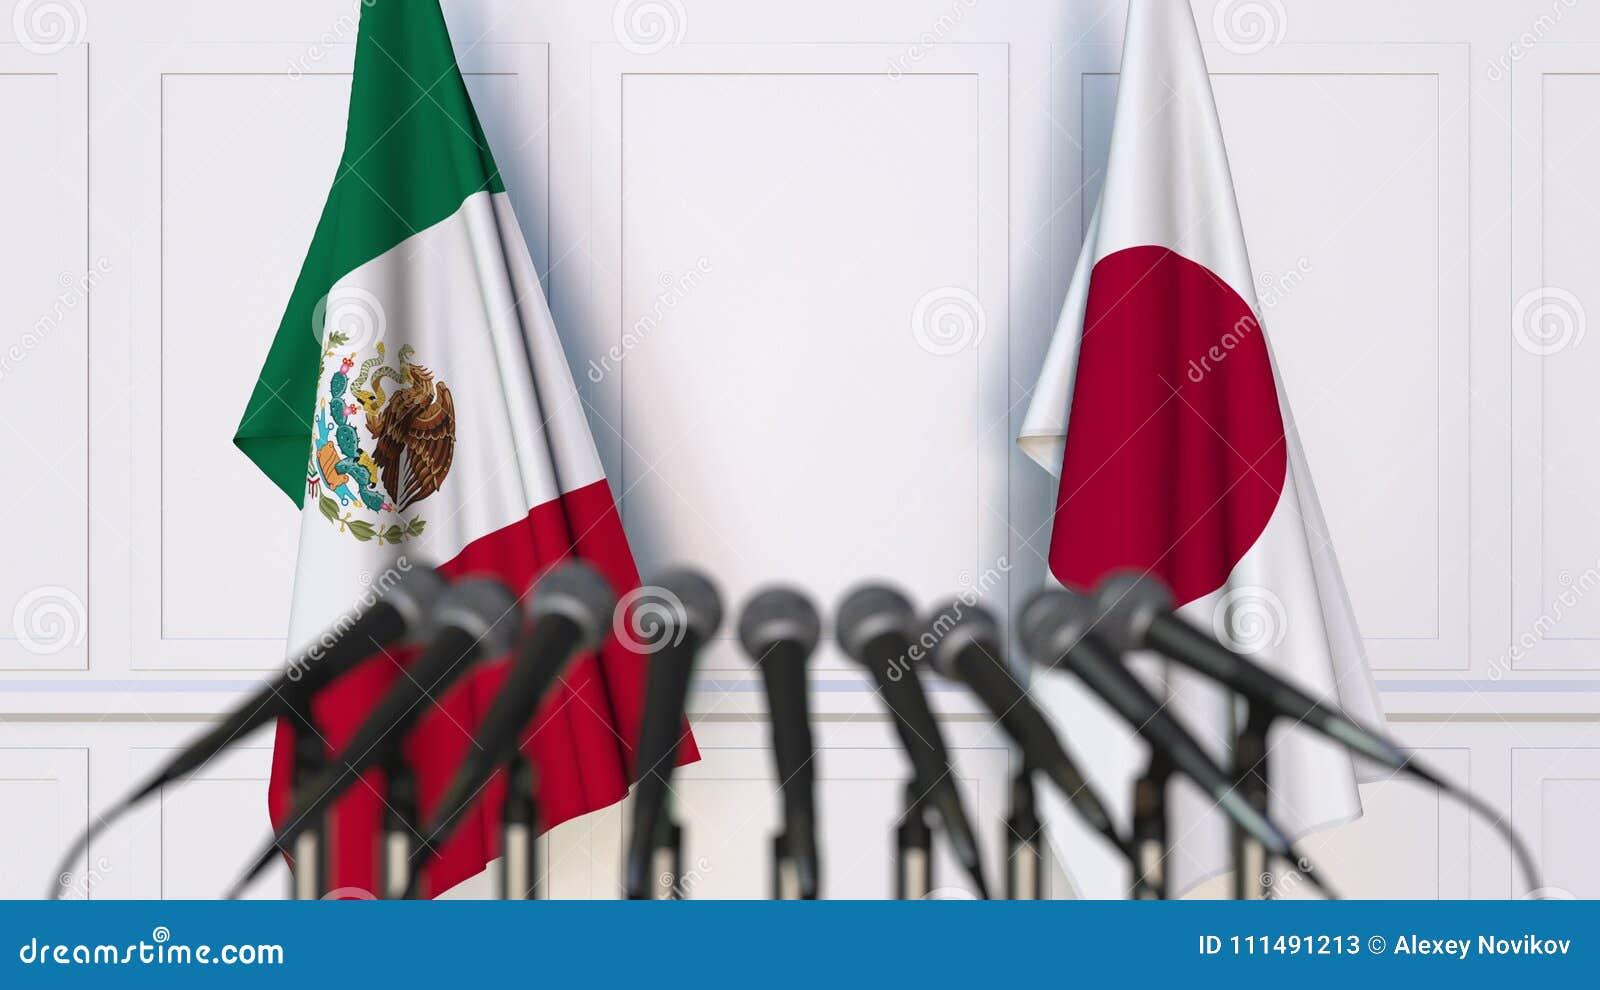 https://thumbs.dreamstime.com/z/banderas-de-méxico-y-japón-en-la-reunión-o-conferencia-internacional-representación-d-111491213.jpg